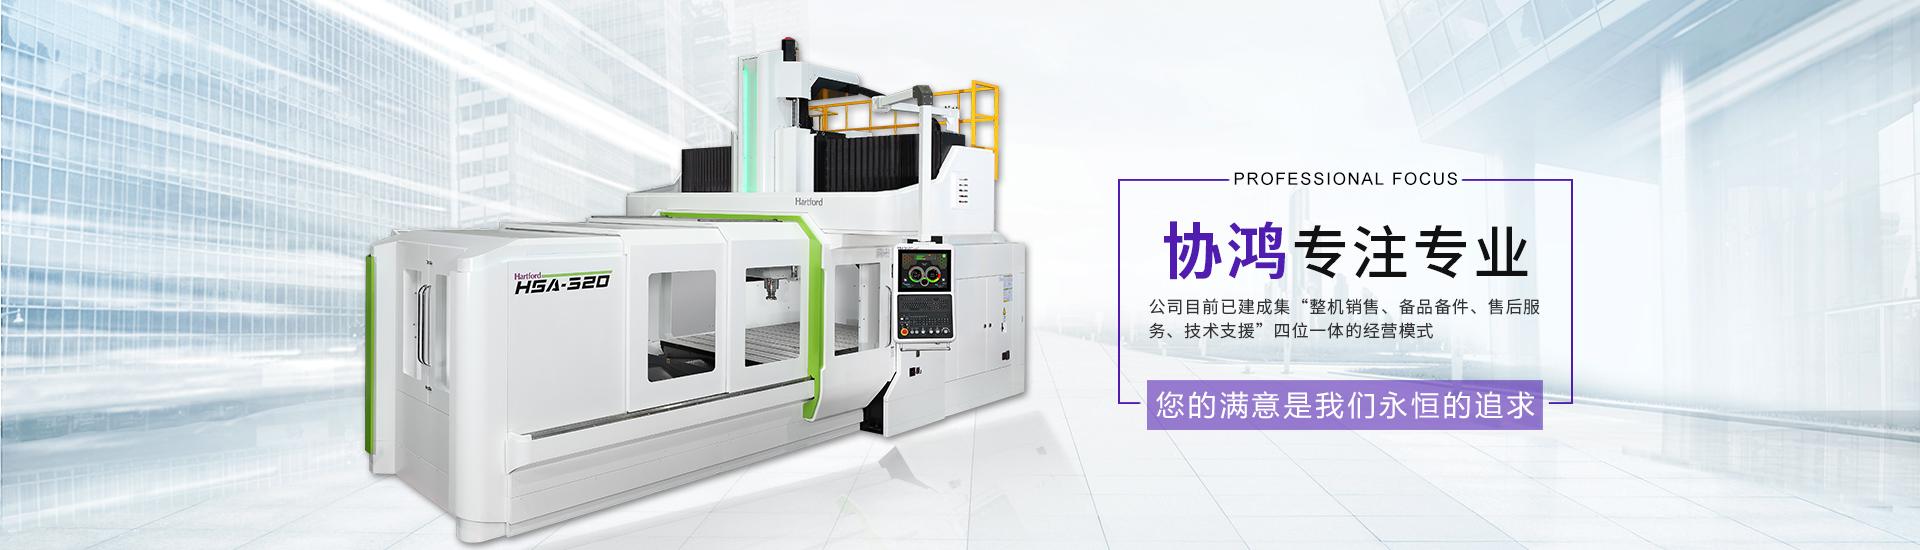 协鸿工业股份有限公司-江苏上海办事处